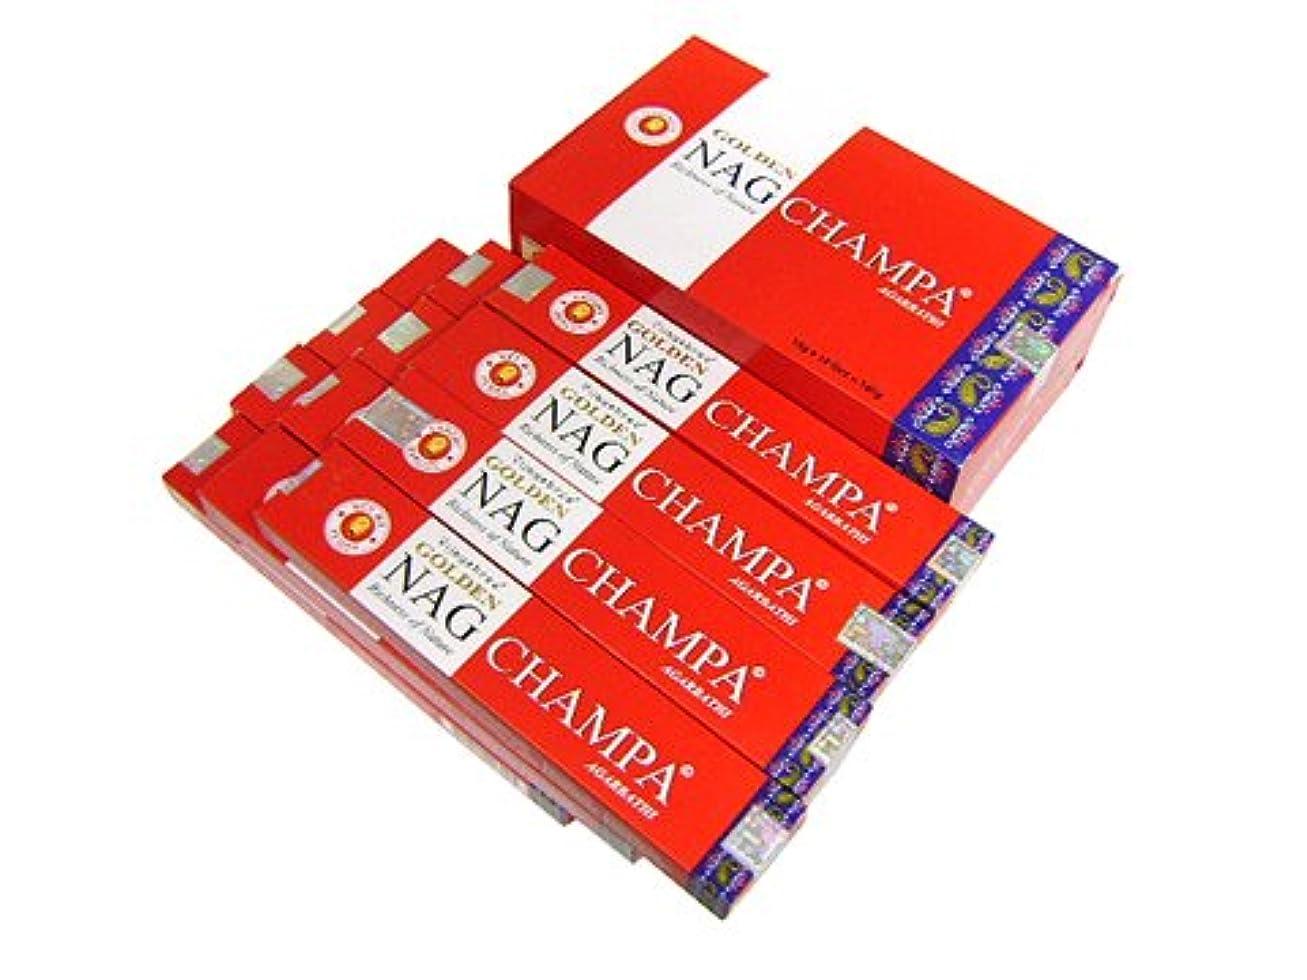 ペルーマイクロ雨のVIJAYSHRE(ヴィジェイシリー ゴールデン) NAG CHAMPA ゴールデン ナグチャンパ香 スティック 12箱セット